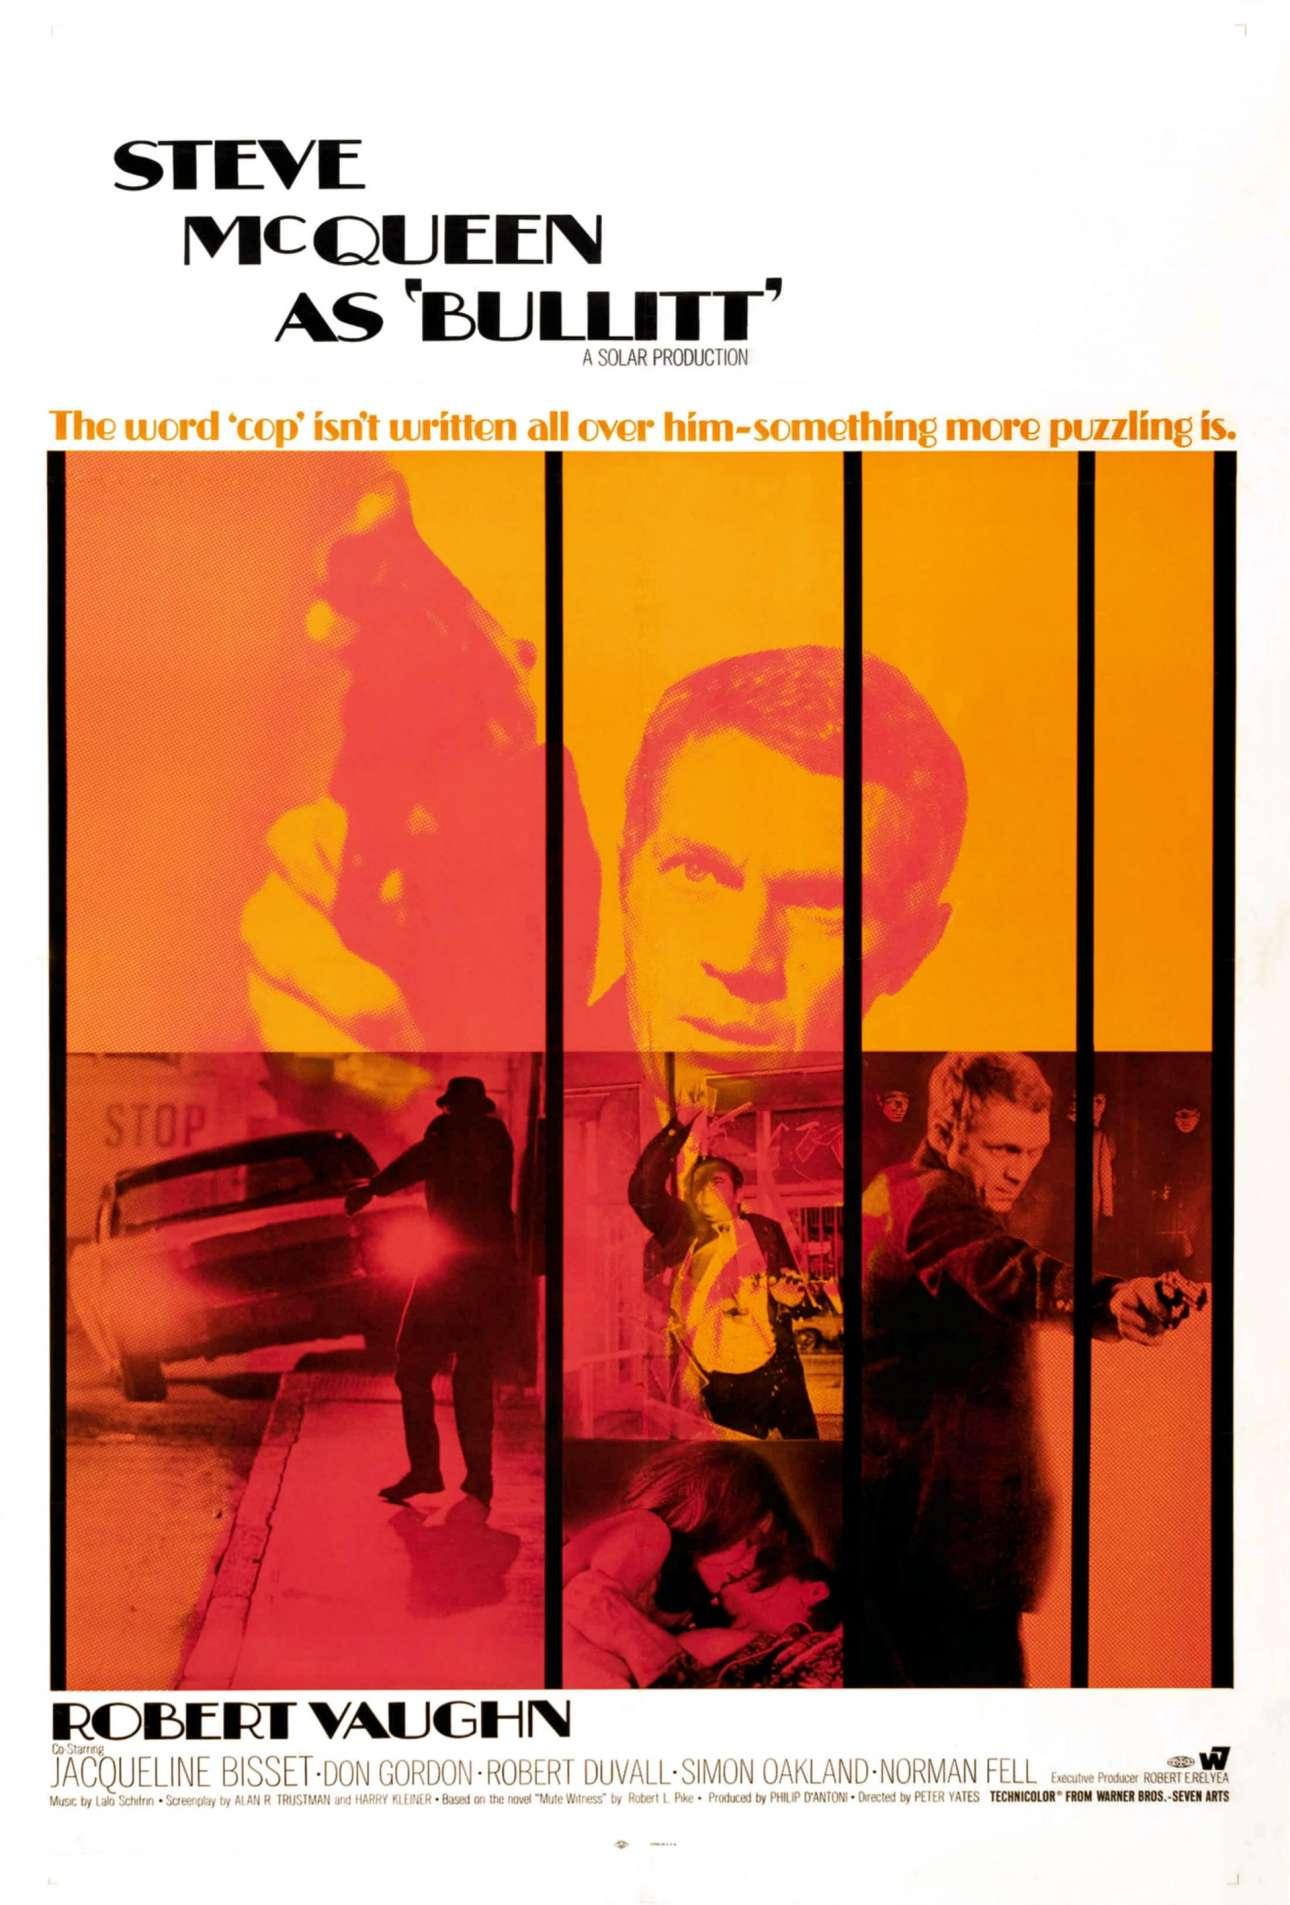 «Μπούλιτ» (Bullitt), 1968. «Παίρνεις μια δουλειά και σου λένε πώς πρέπει να λανσαριστεί η ταινία. Πηγαίνω, βλέπω την ταινία (με ενδιαφέρει πολύ να βλέπω τις αντιδράσεις του κόσμου στις ταινίες), ή αν δεν έχει ολοκληρωθεί η ταινία κοιτάζω τα καρέ. Στη συνέχεια, αποφασίζεις πώς θέλεις το κοινό να τη δει και τότε σκέφτεσαι τον καλύτερο τρόπο για να το μεταδώσεις αυτό»